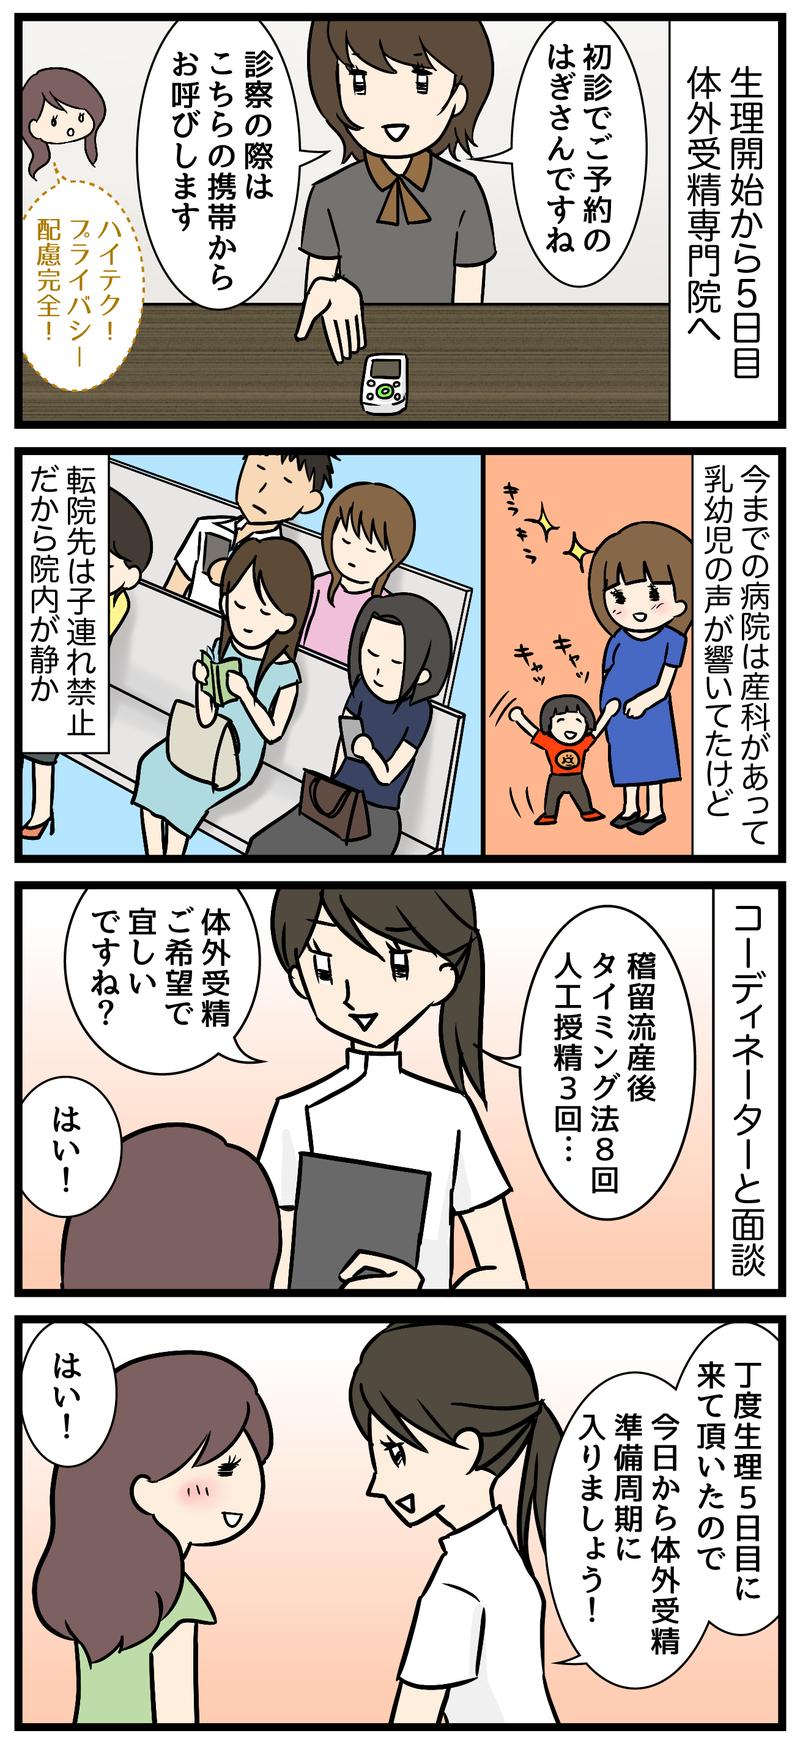 にんかつブログ